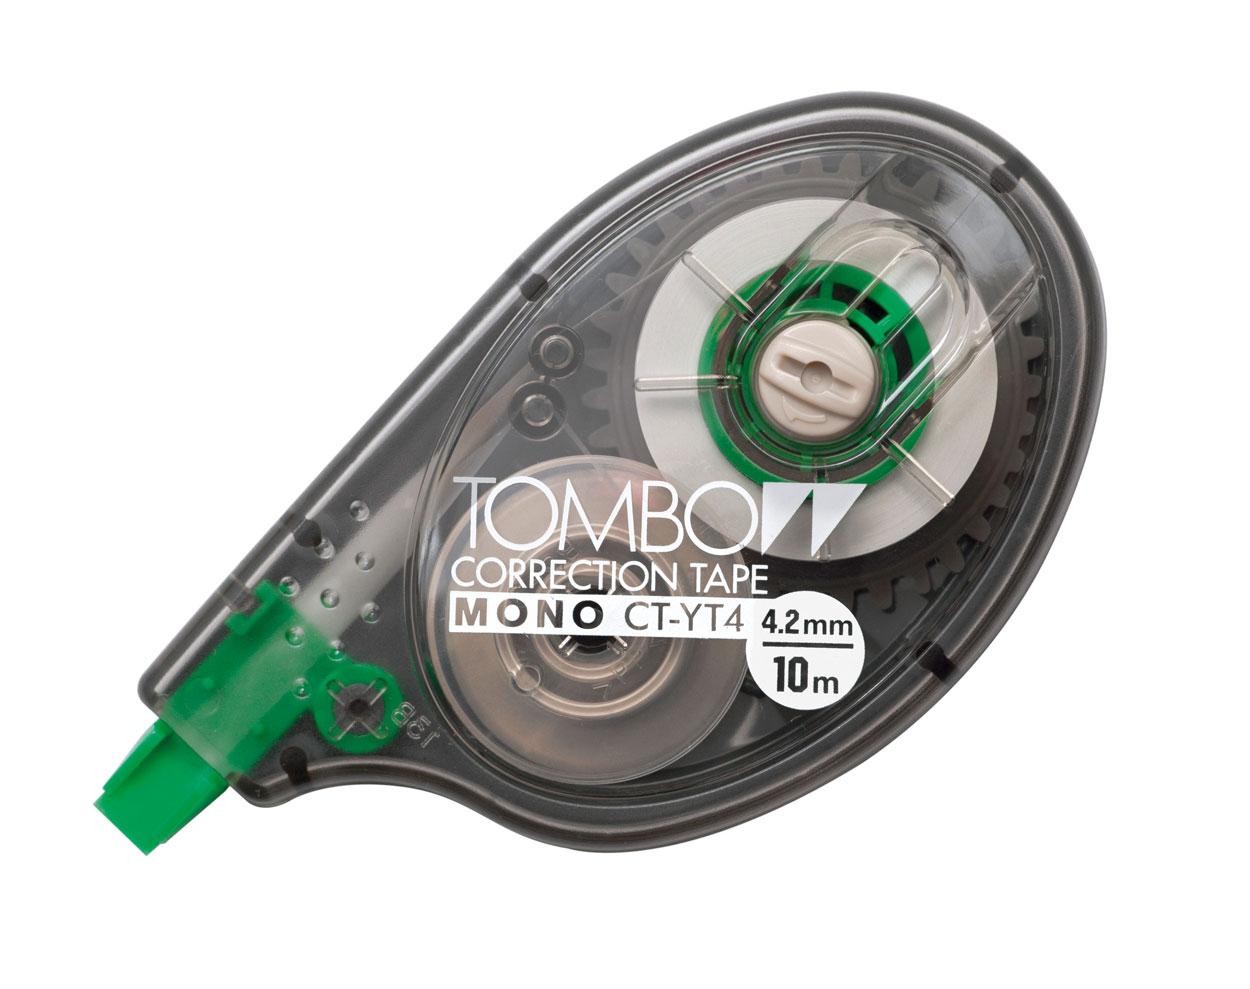 Купить Корректирующая лента Tombow Correction tape 4, 2 мм 10 м, Япония